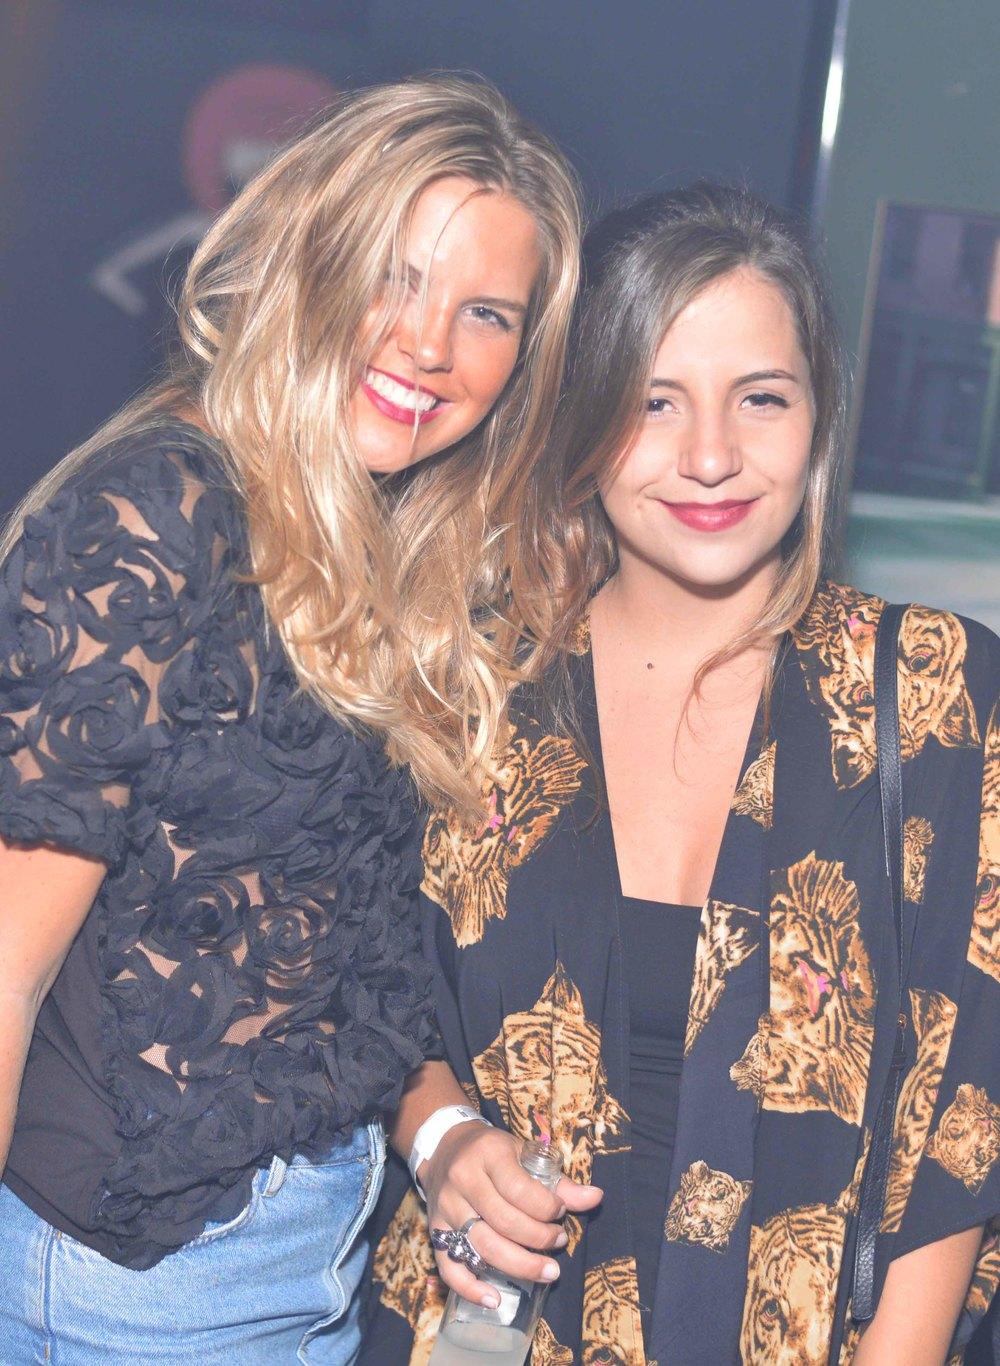 Nathalia Medeiros e Vitoria Castello.jpg